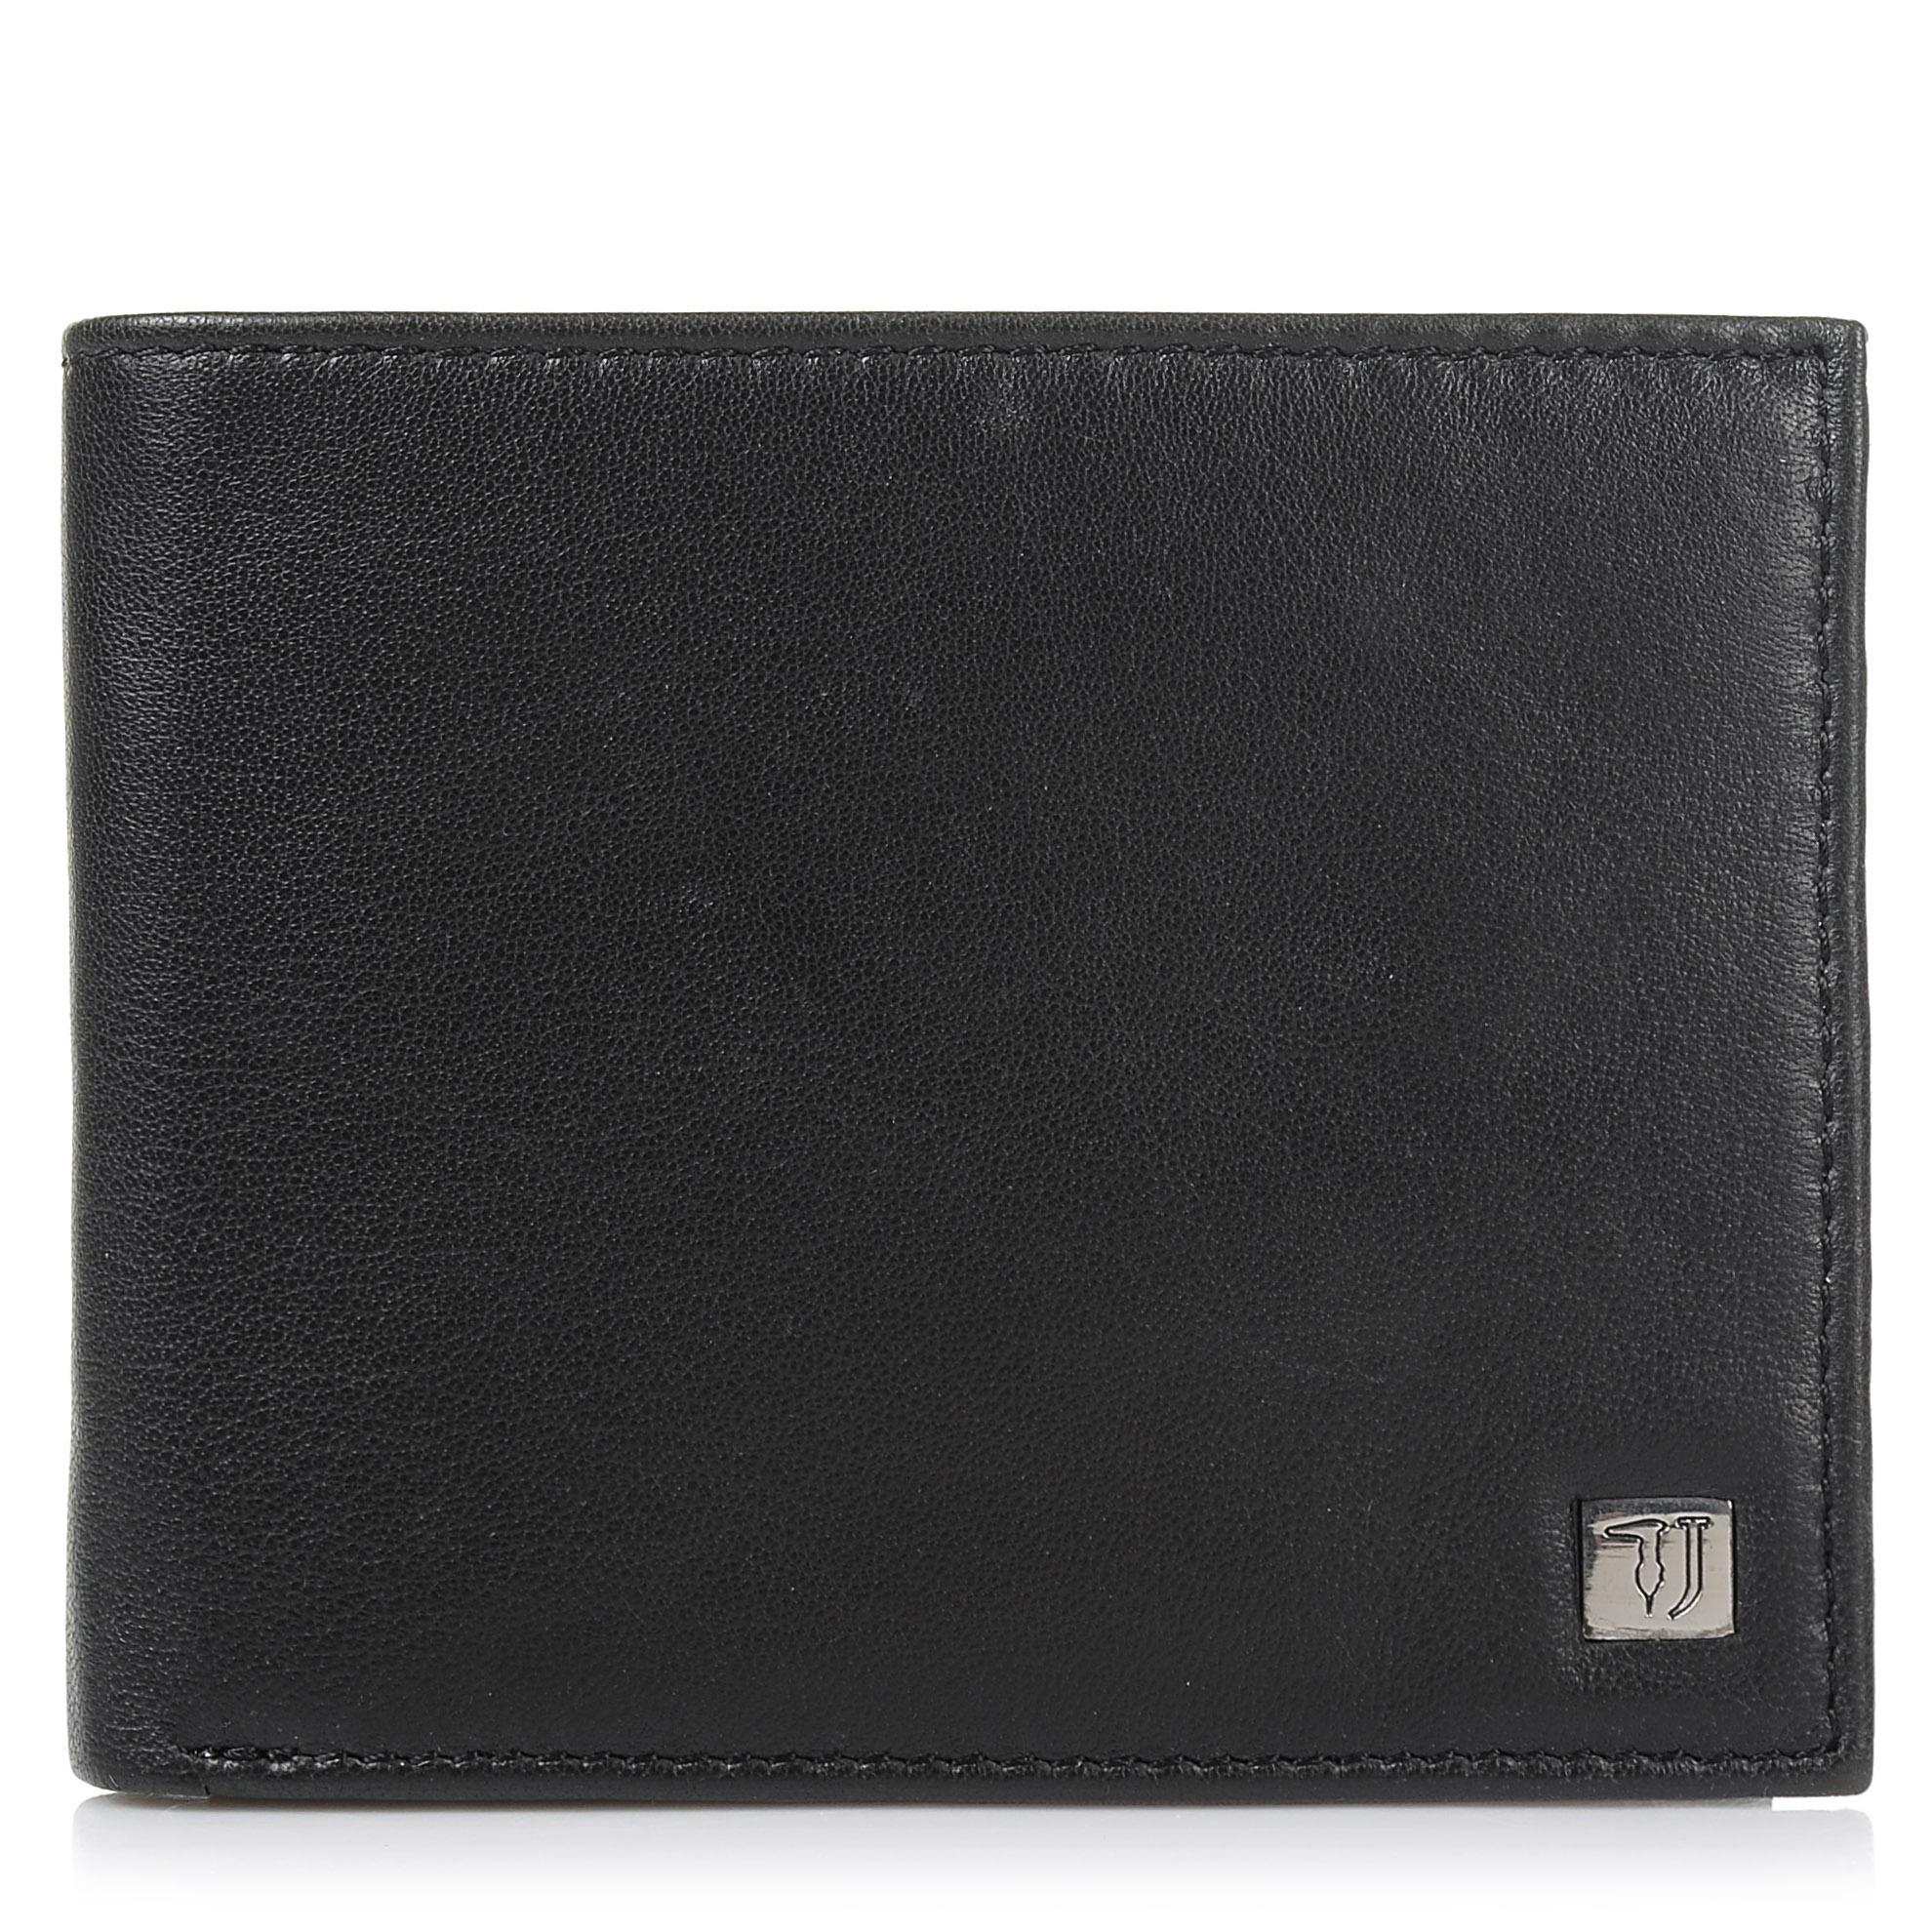 Δερμάτινο Πορτοφόλι Trussardi Jeans Wallet Trifold Smooth 71W00006 ανδρας   ανδρικό πορτοφόλι